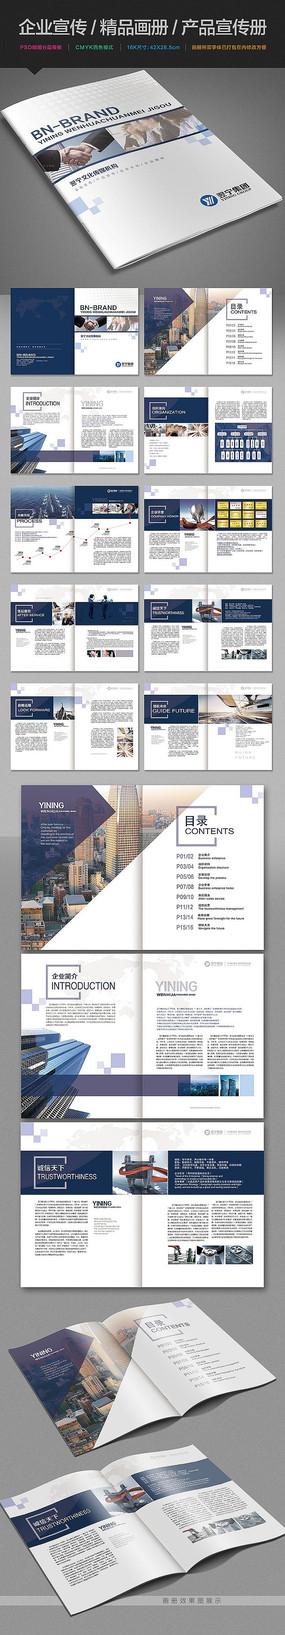 时尚创意公司企业画册